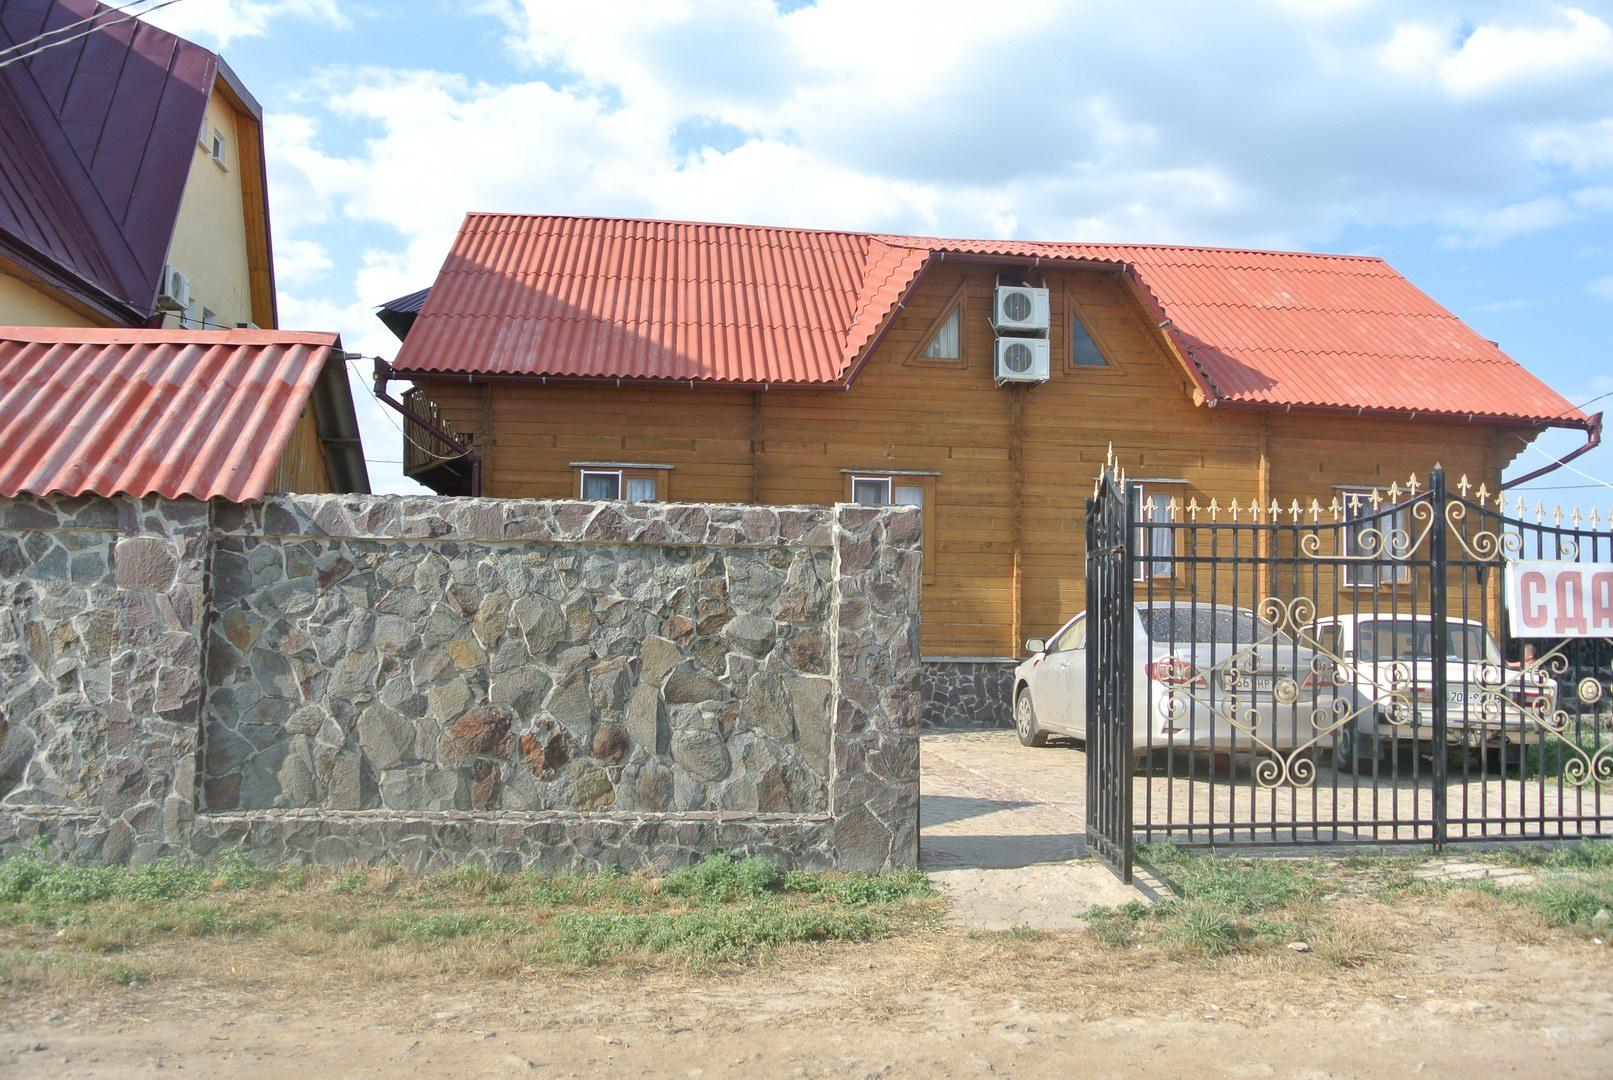 Гостиный дом отдыха «Гуцульська хата» (Катранка) фото №6207